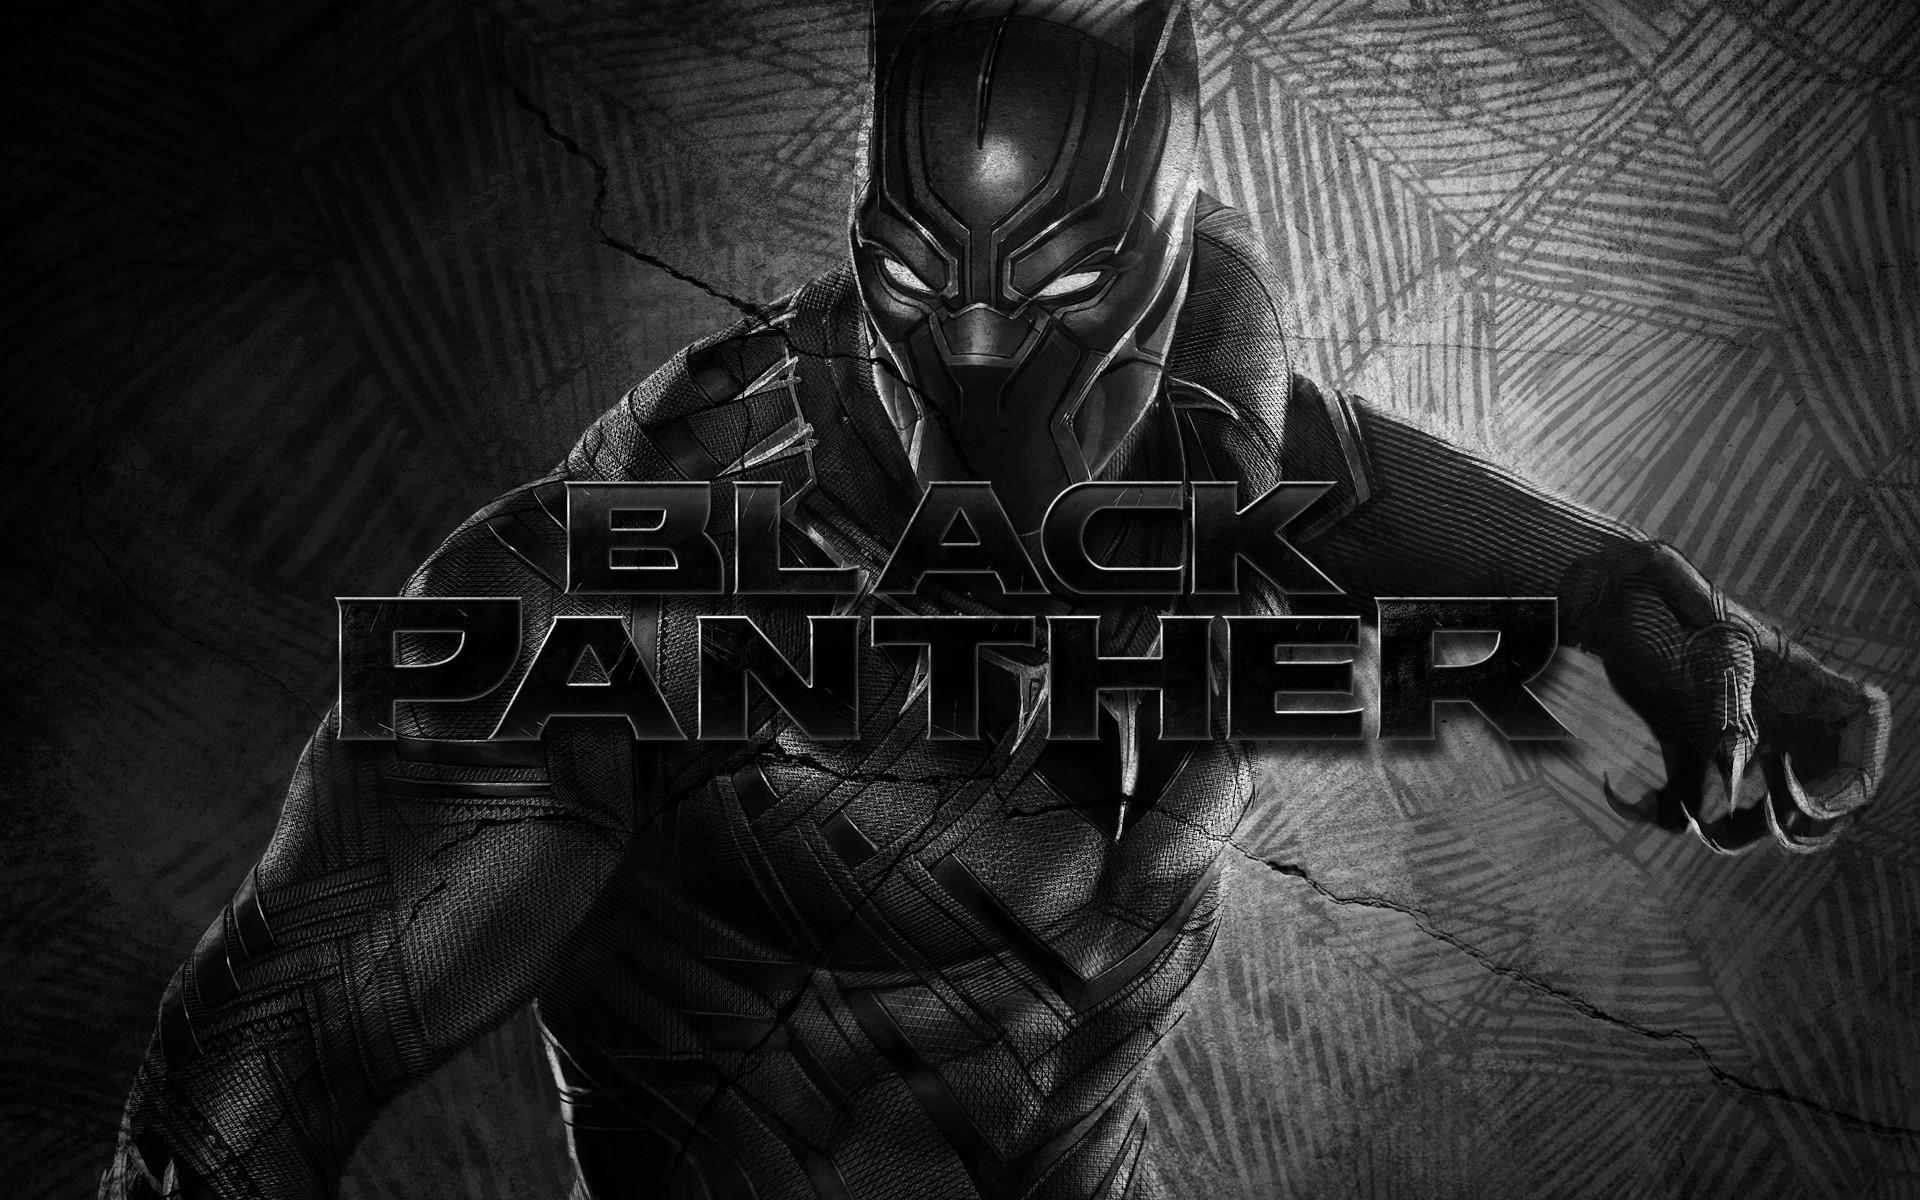 Black Panther Wallpaper.jpg